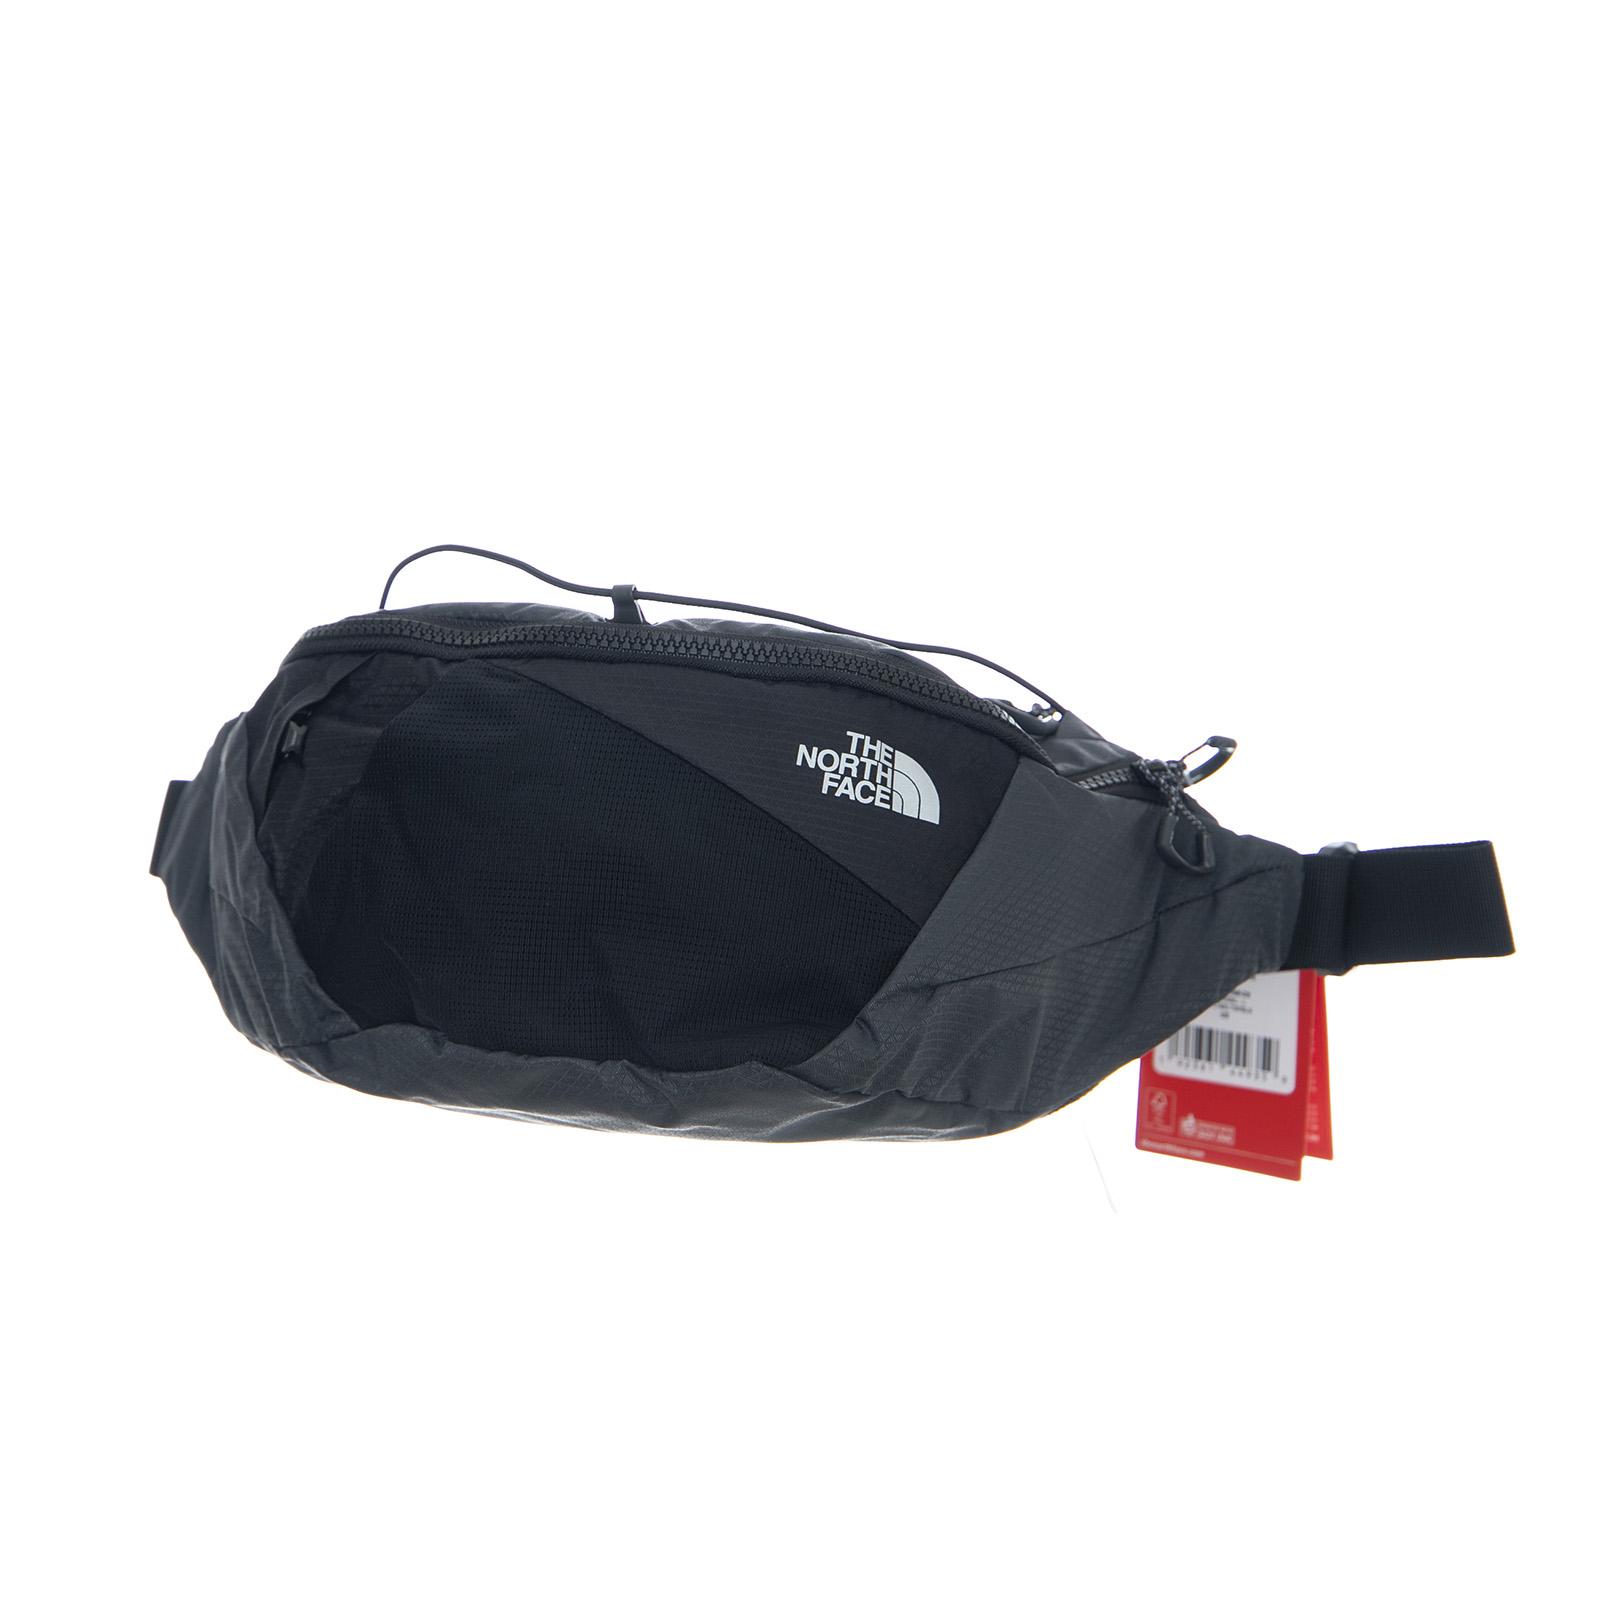 83aa25bdd9 Le North Face lombaire Lumbnical Bum sac grand-Asphalt Grey/Asphalt  Grey-taille